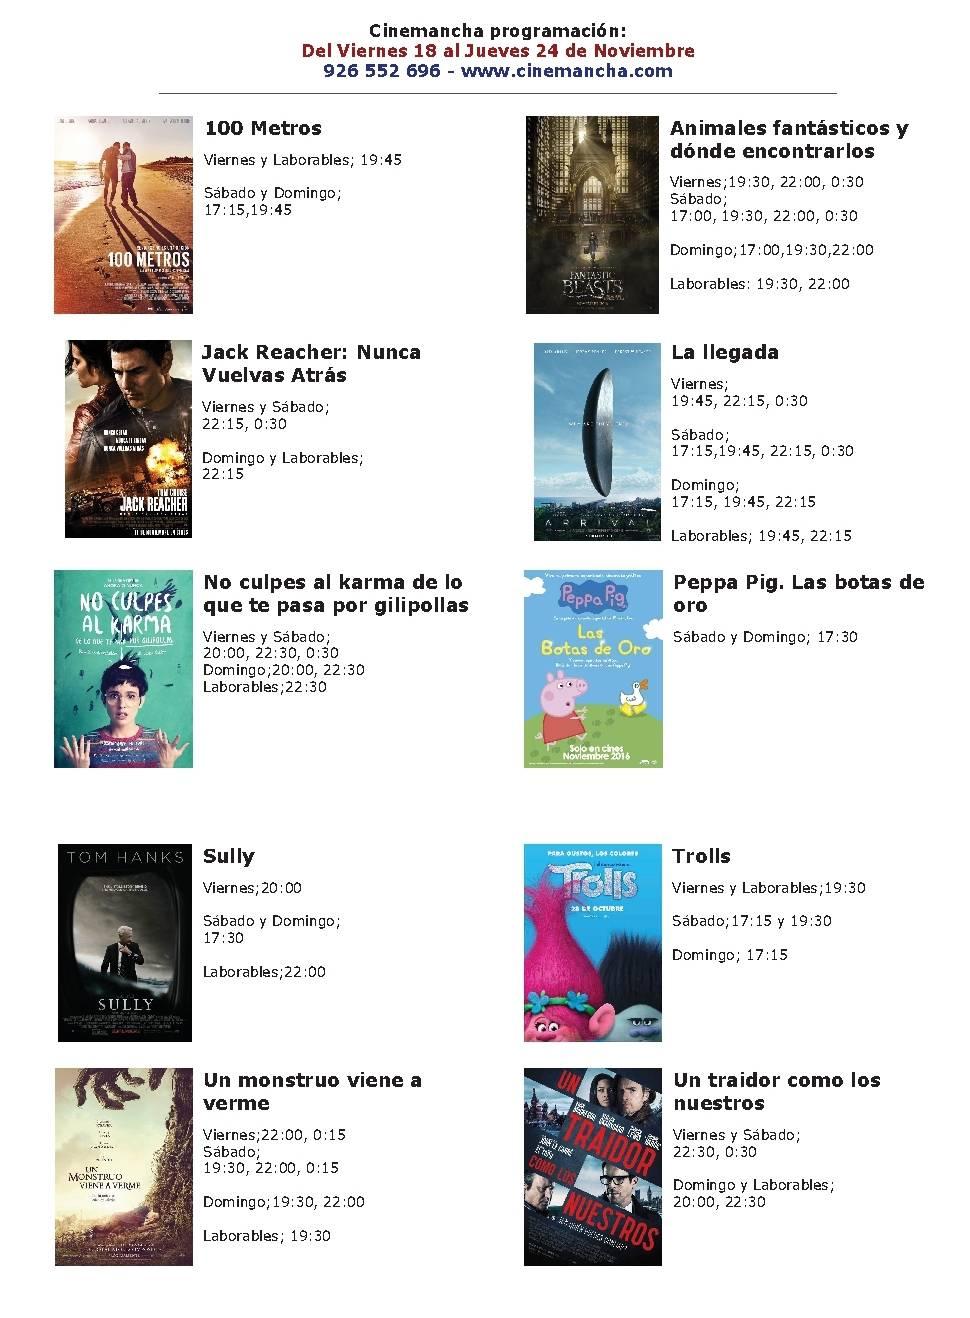 Cartelera Cinemancha del 18 al 24 de noviembre 1